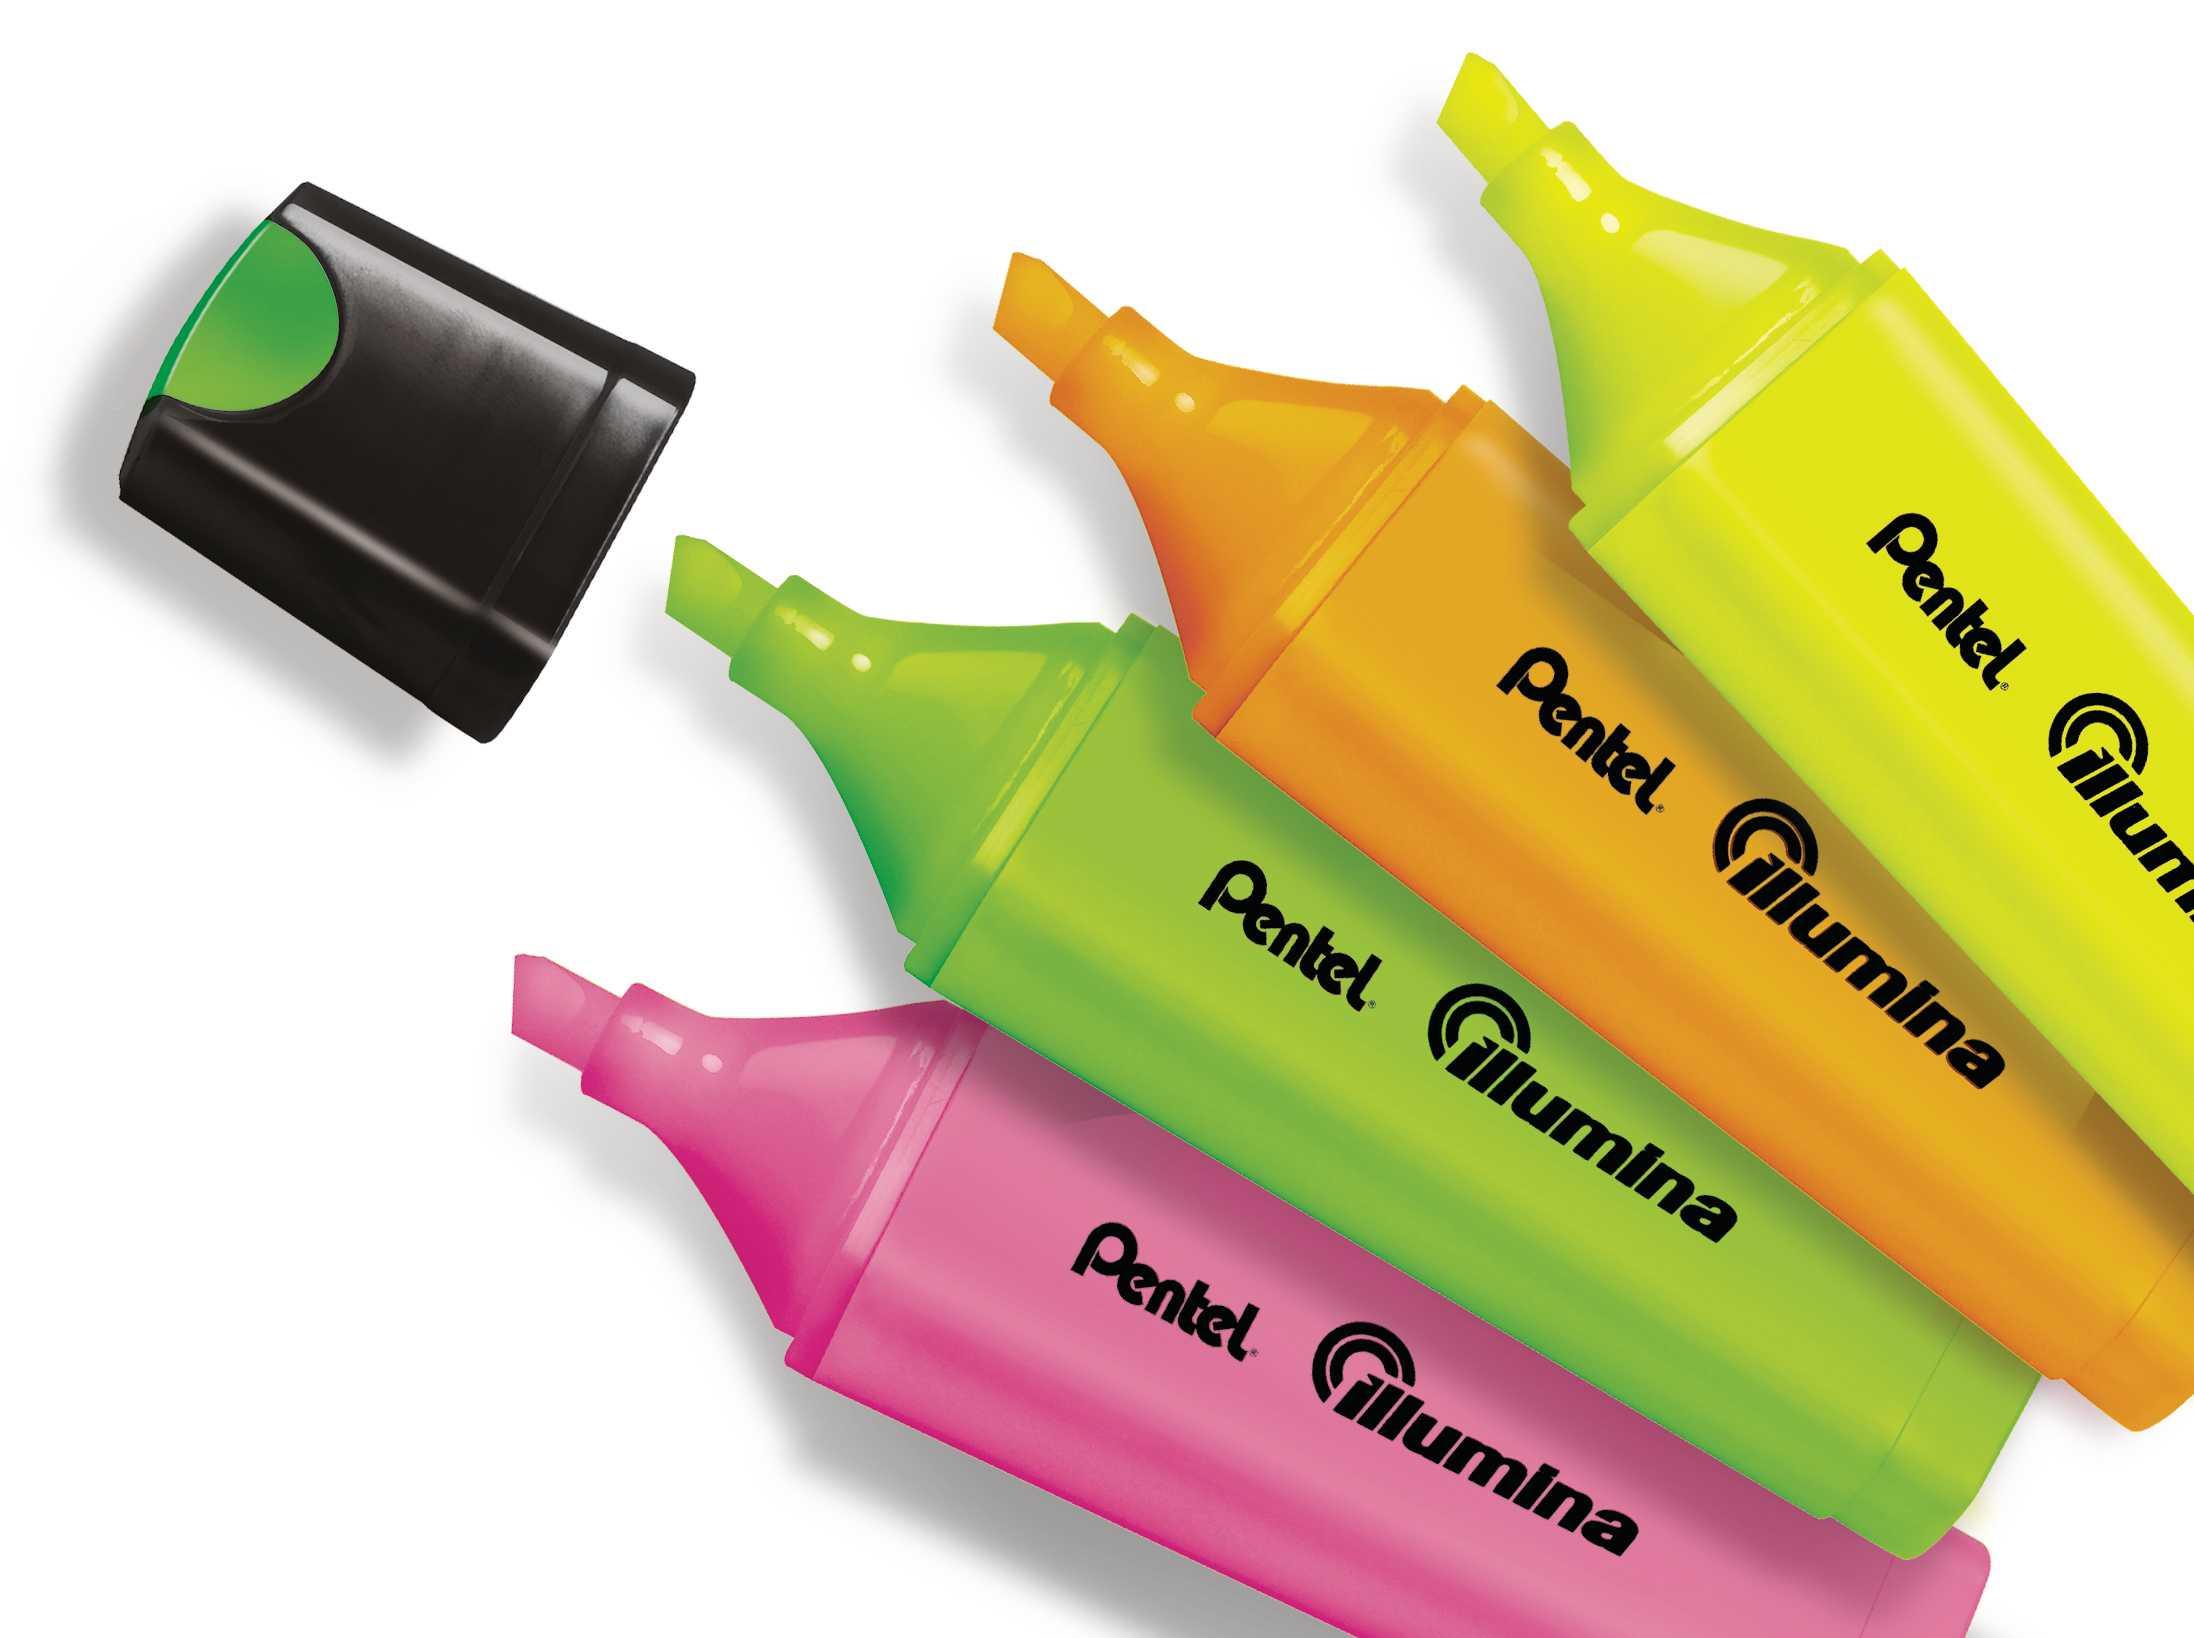 Как выбрать фломастеры на водной основе? чем заправить маркер в домашних условиях? основные способы